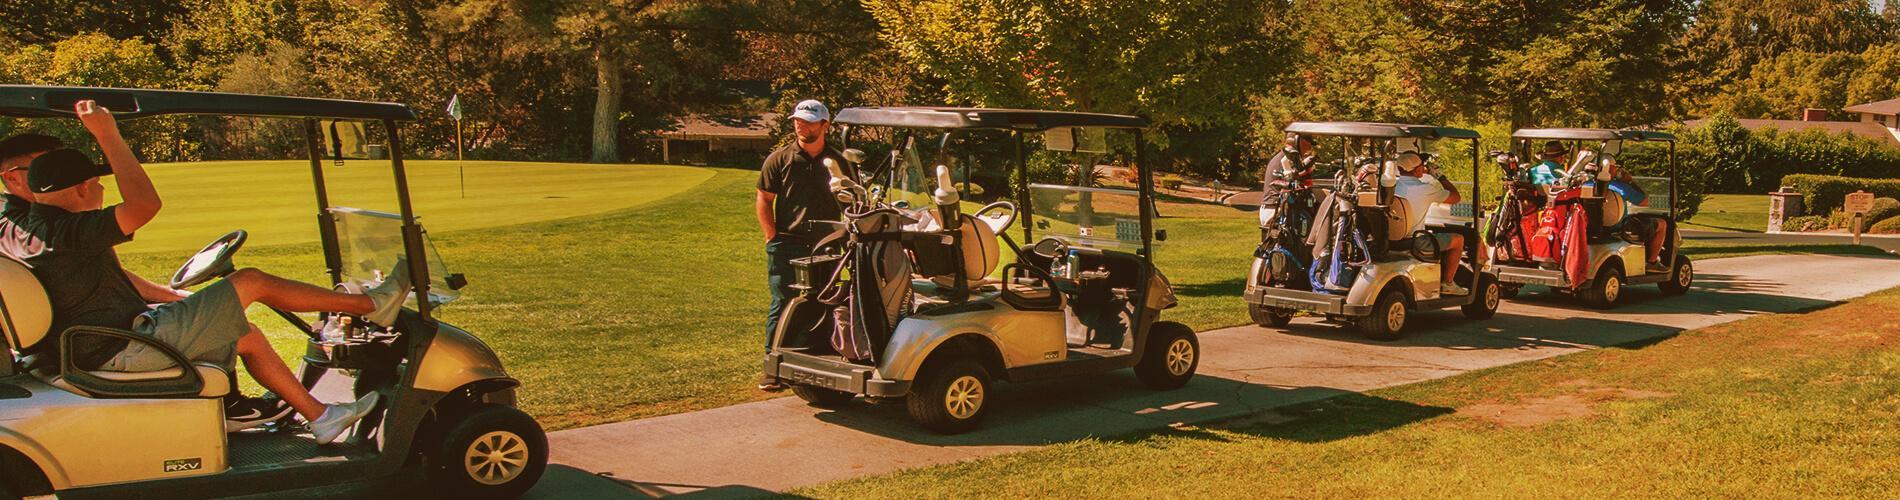 Golf Buggy Batteries Brisbane Supplier